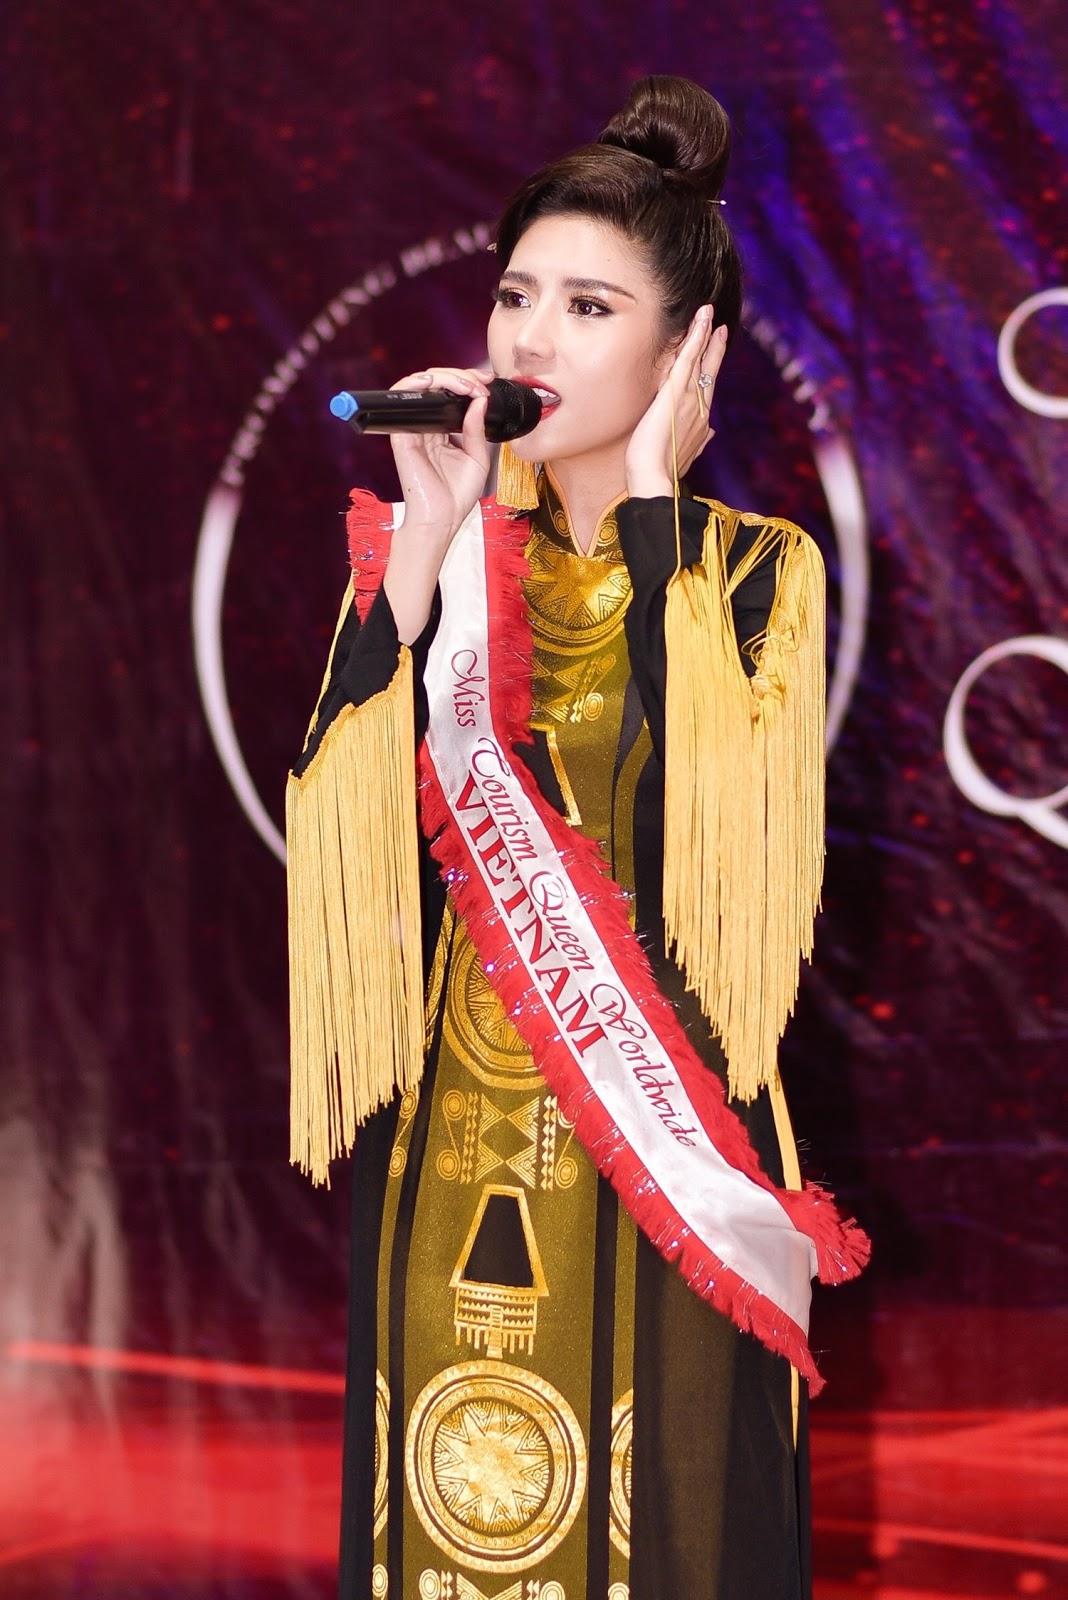 Dương Yến Nhung xuất sắc giành Á hậu 2 phần thi tài năng tại Miss Tourism Queen Worldwide 2019 - Hình 1